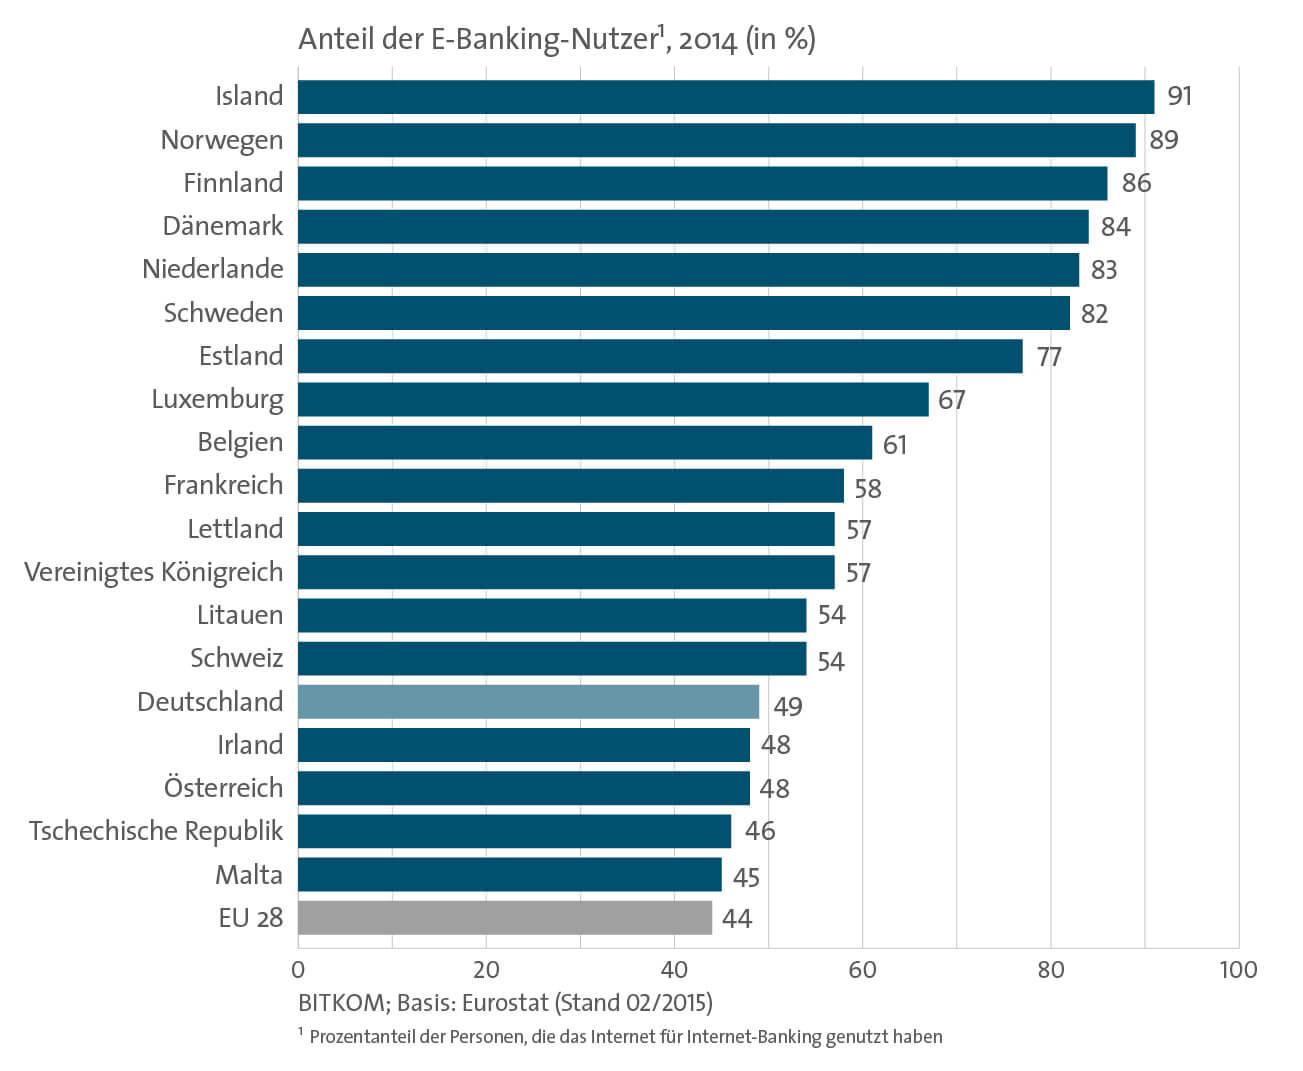 Anteil der E-Banking-Nutzer